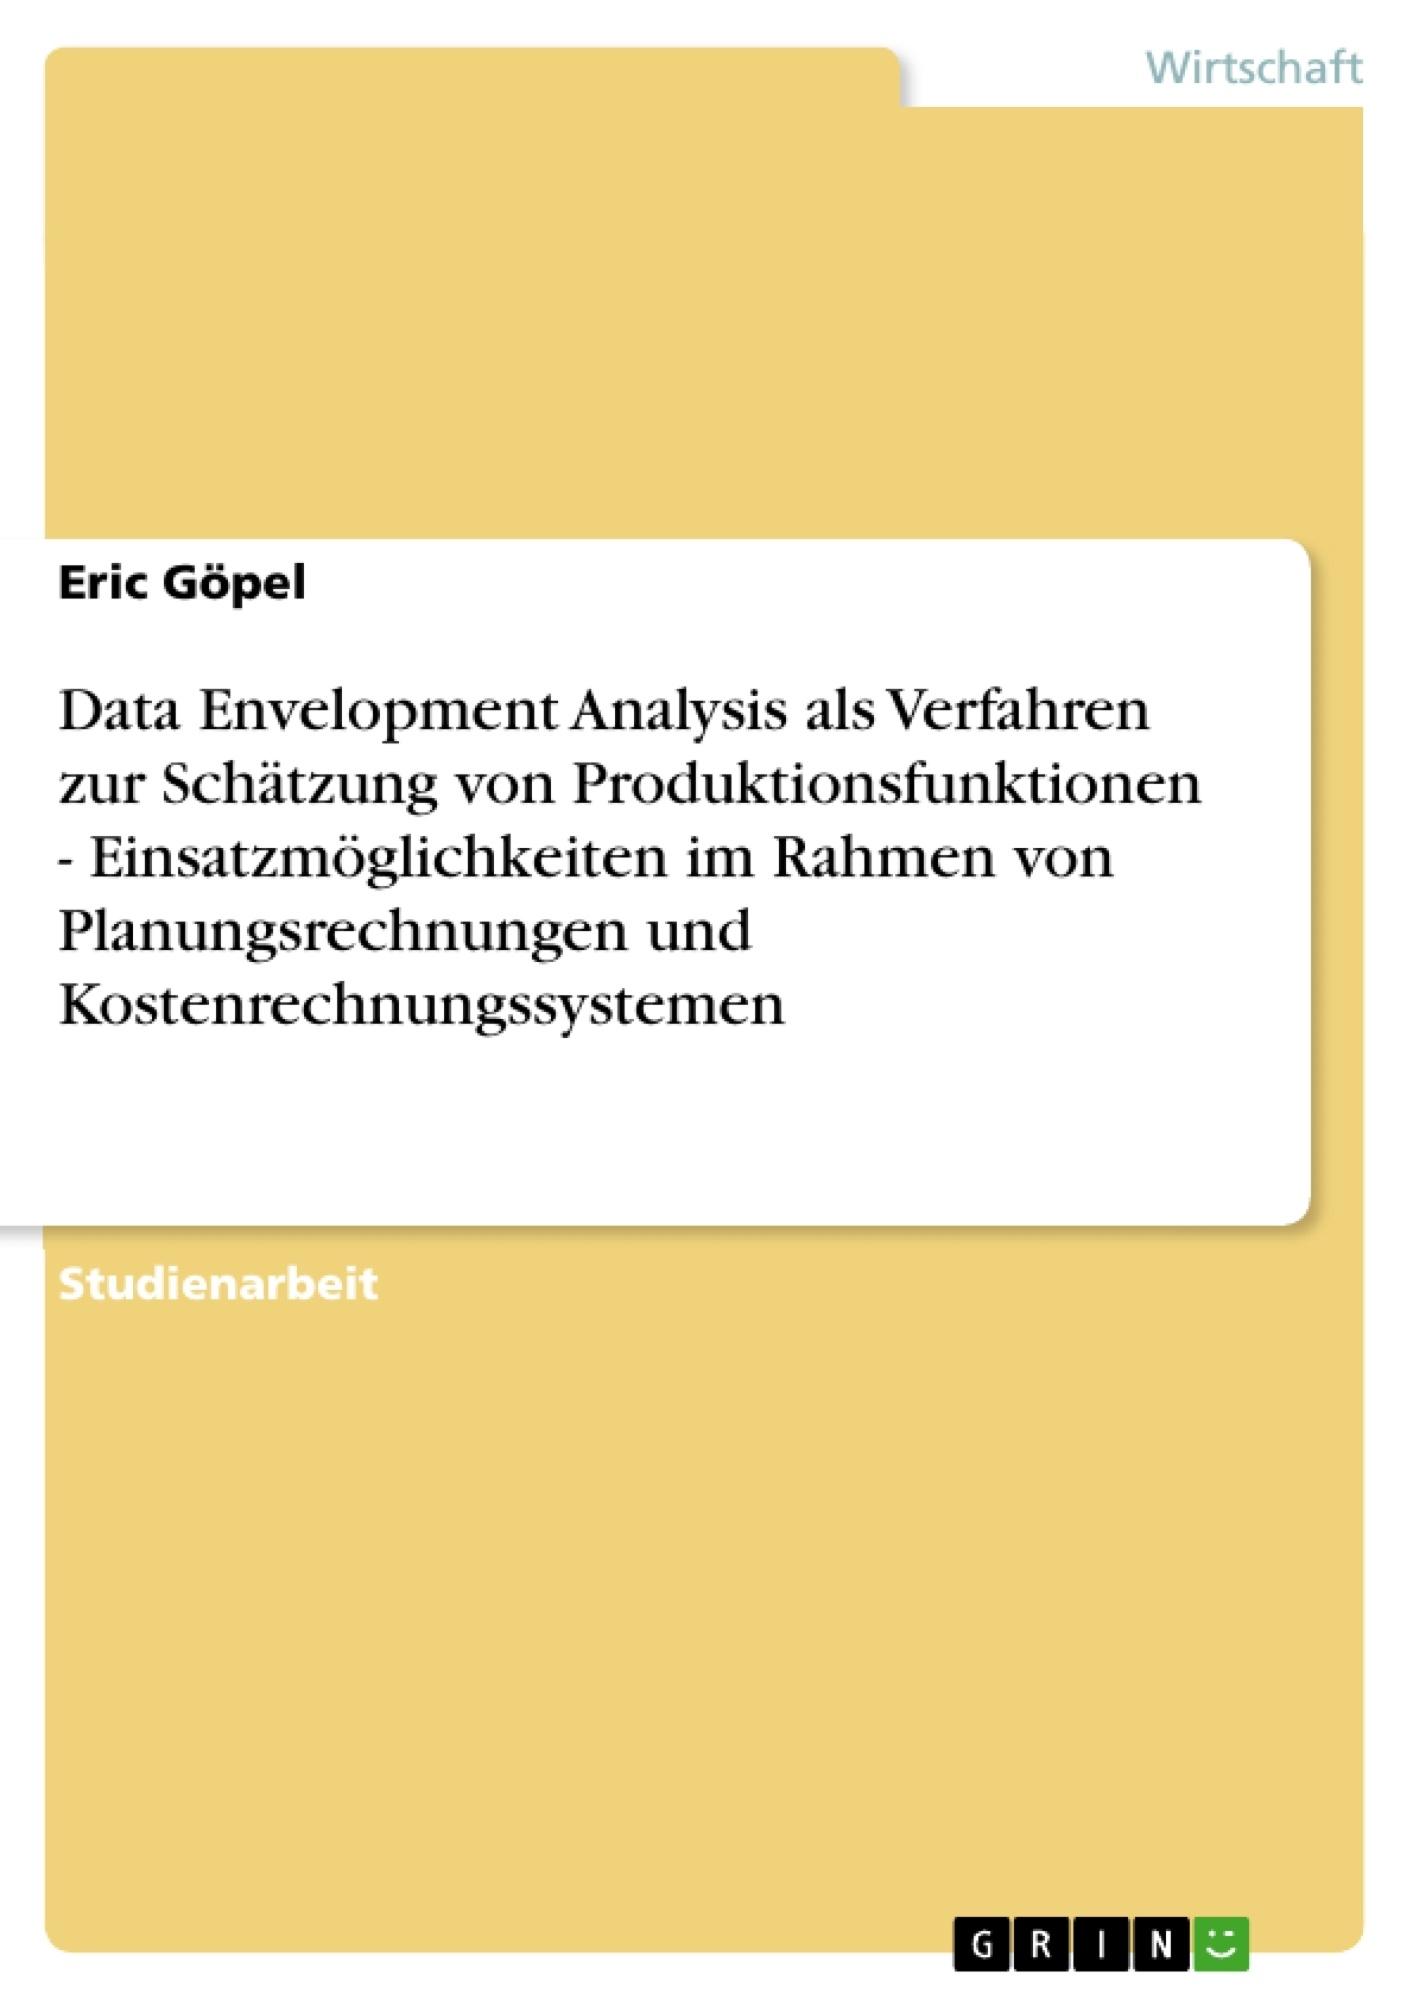 Titel: Data Envelopment Analysis als Verfahren zur Schätzung von Produktionsfunktionen - Einsatzmöglichkeiten im Rahmen von Planungsrechnungen und Kostenrechnungssystemen